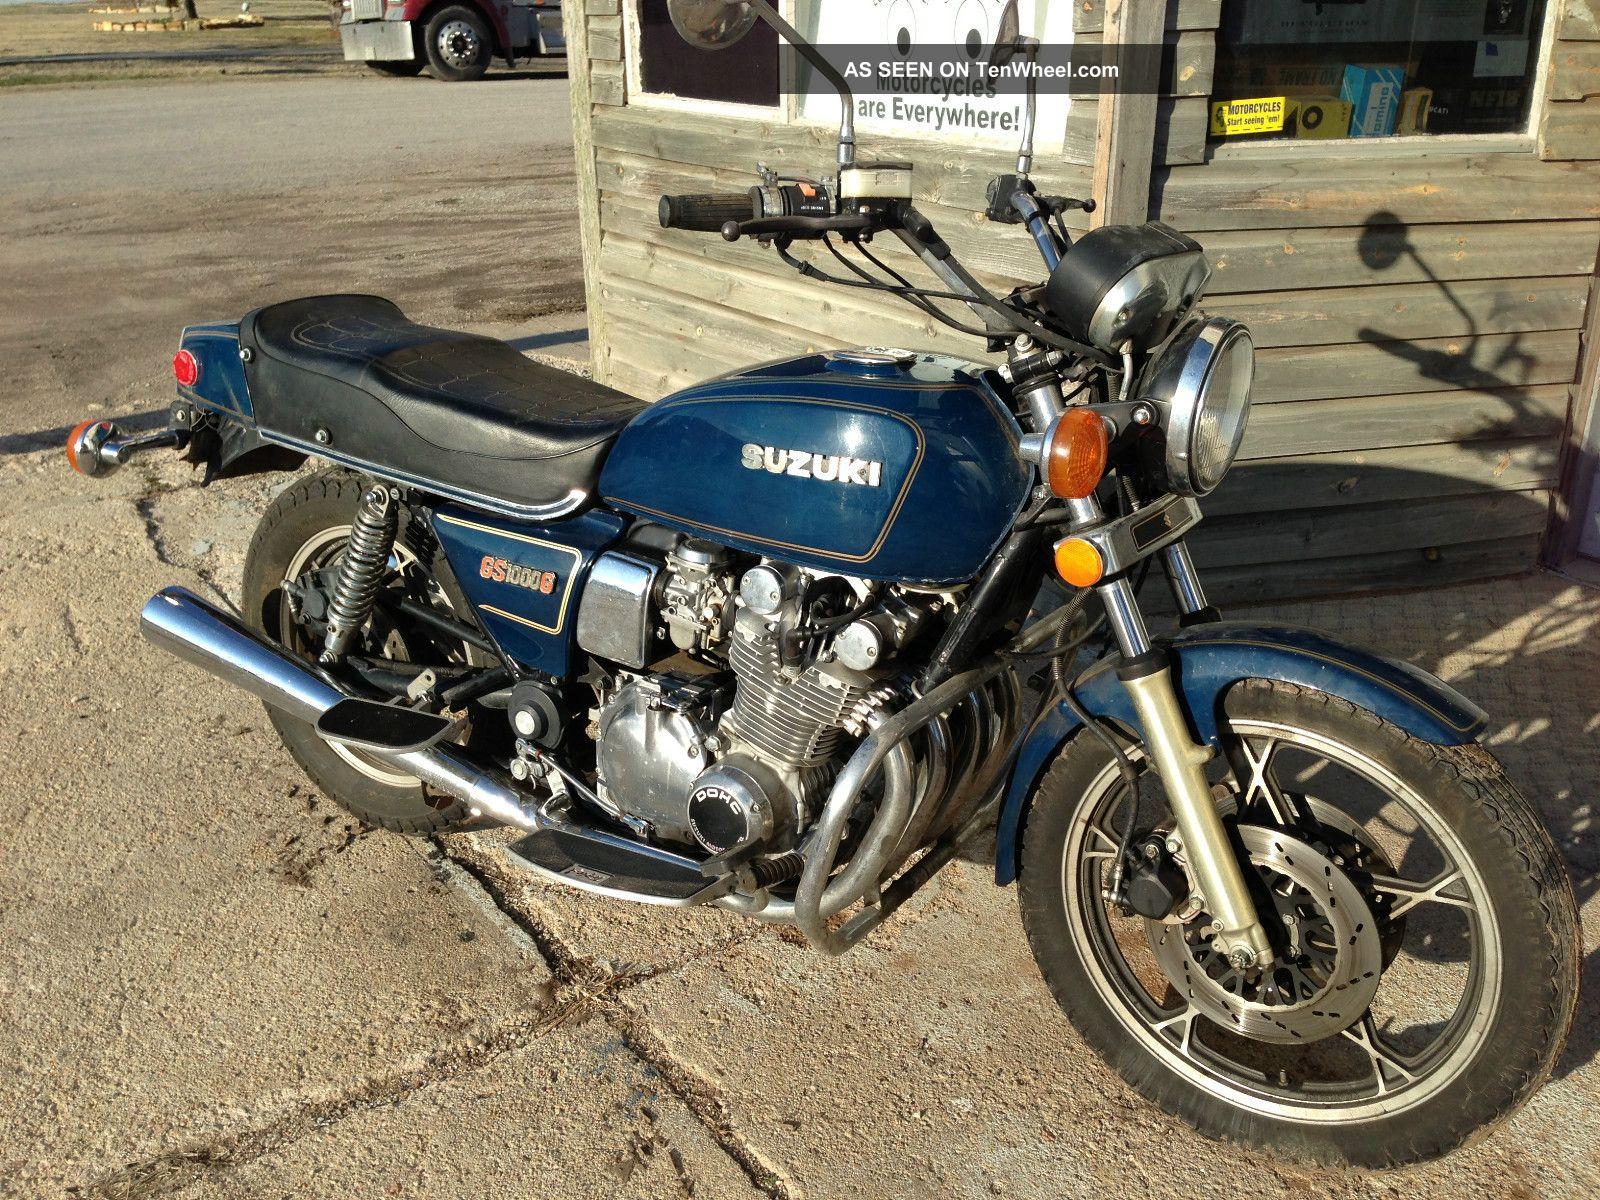 1980 suzuki gs1000 classic gs 1000g rare find vintage cafe gt750 gt